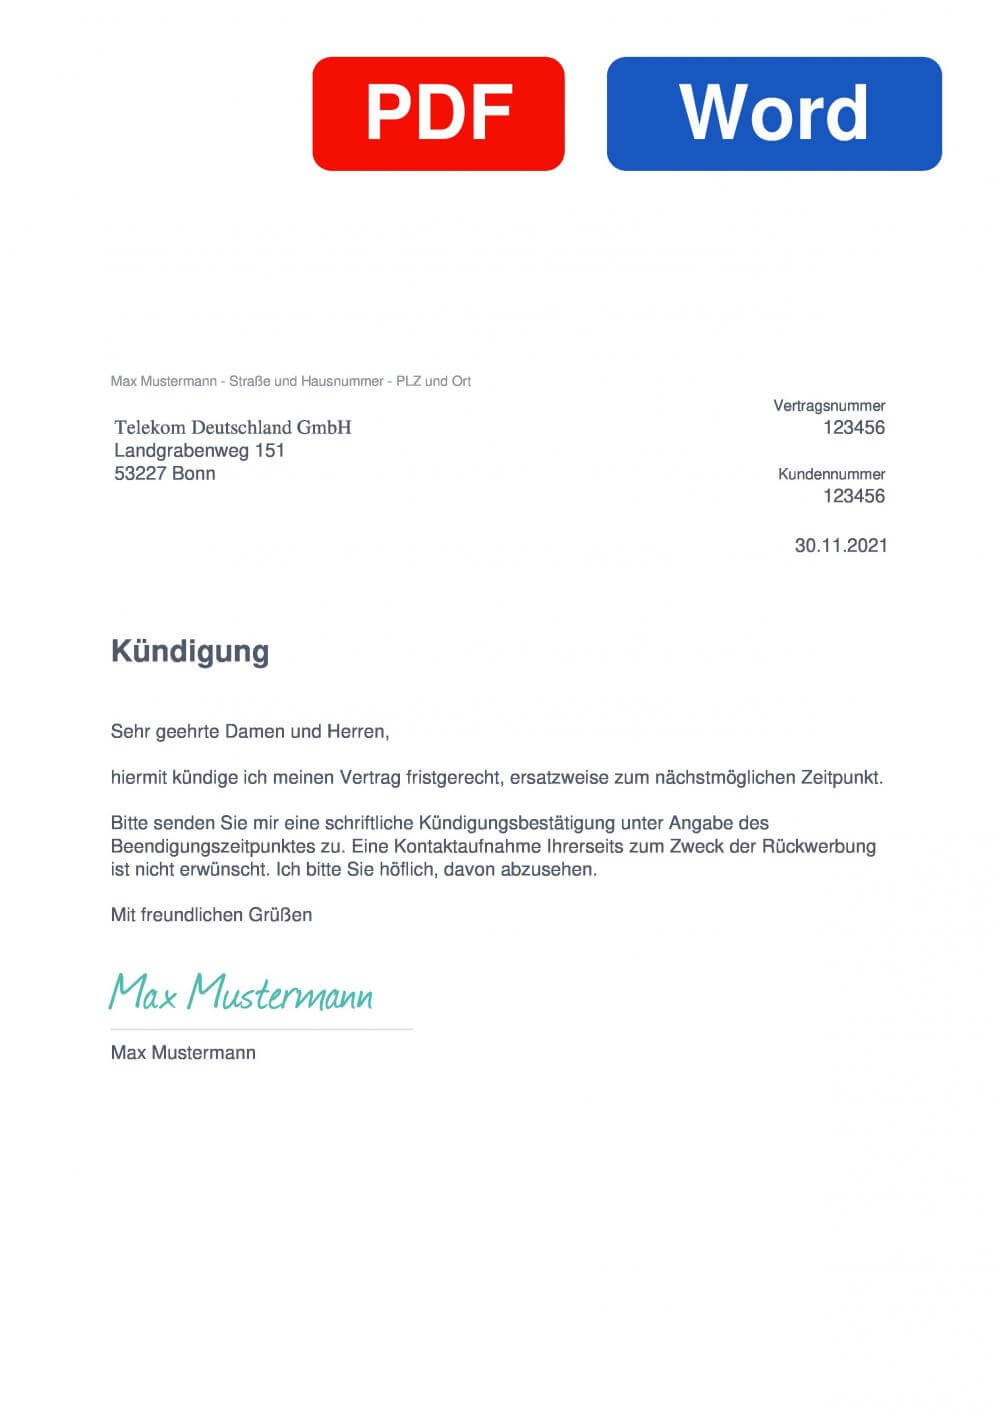 Magenta Smarthome Muster Vorlage für Kündigungsschreiben